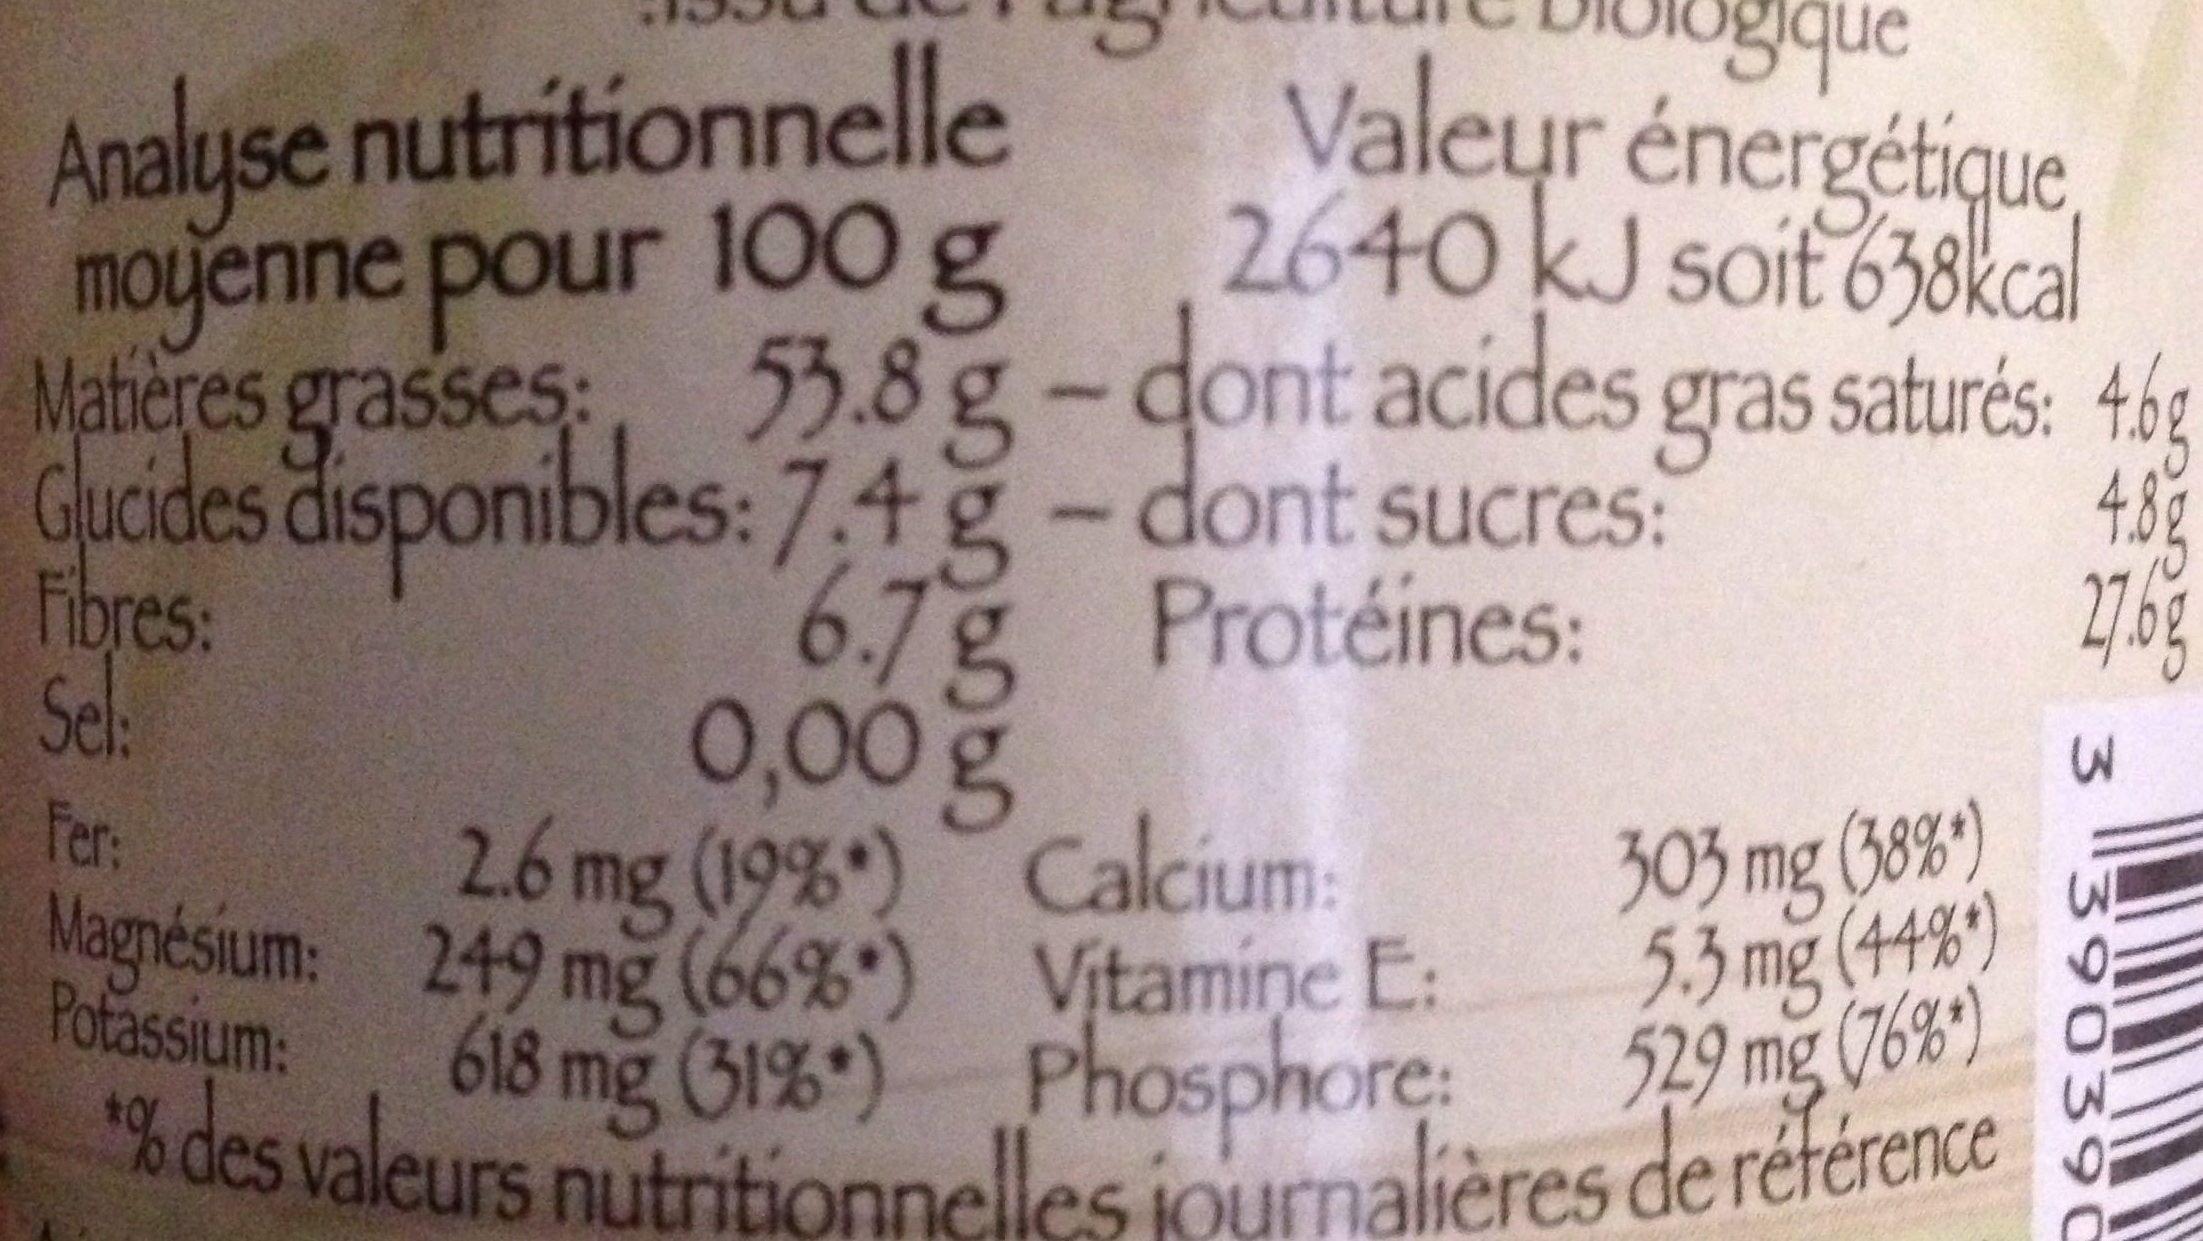 Purée d'Amande Blanche - Informations nutritionnelles